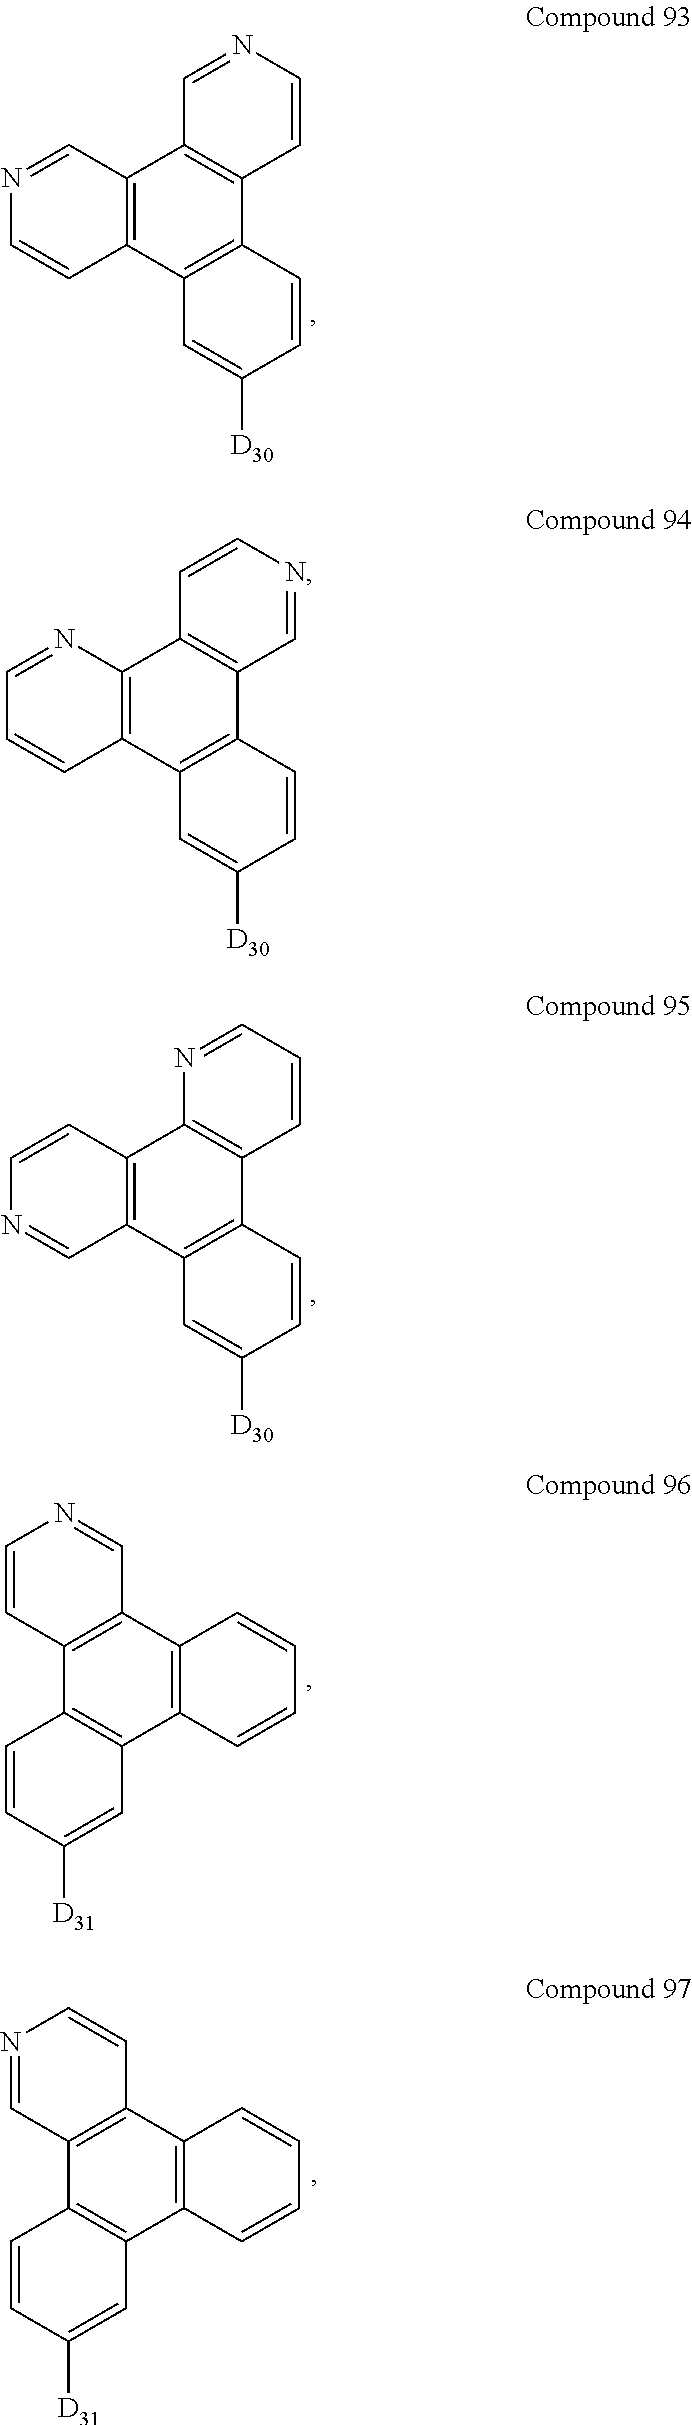 Figure US09537106-20170103-C00177